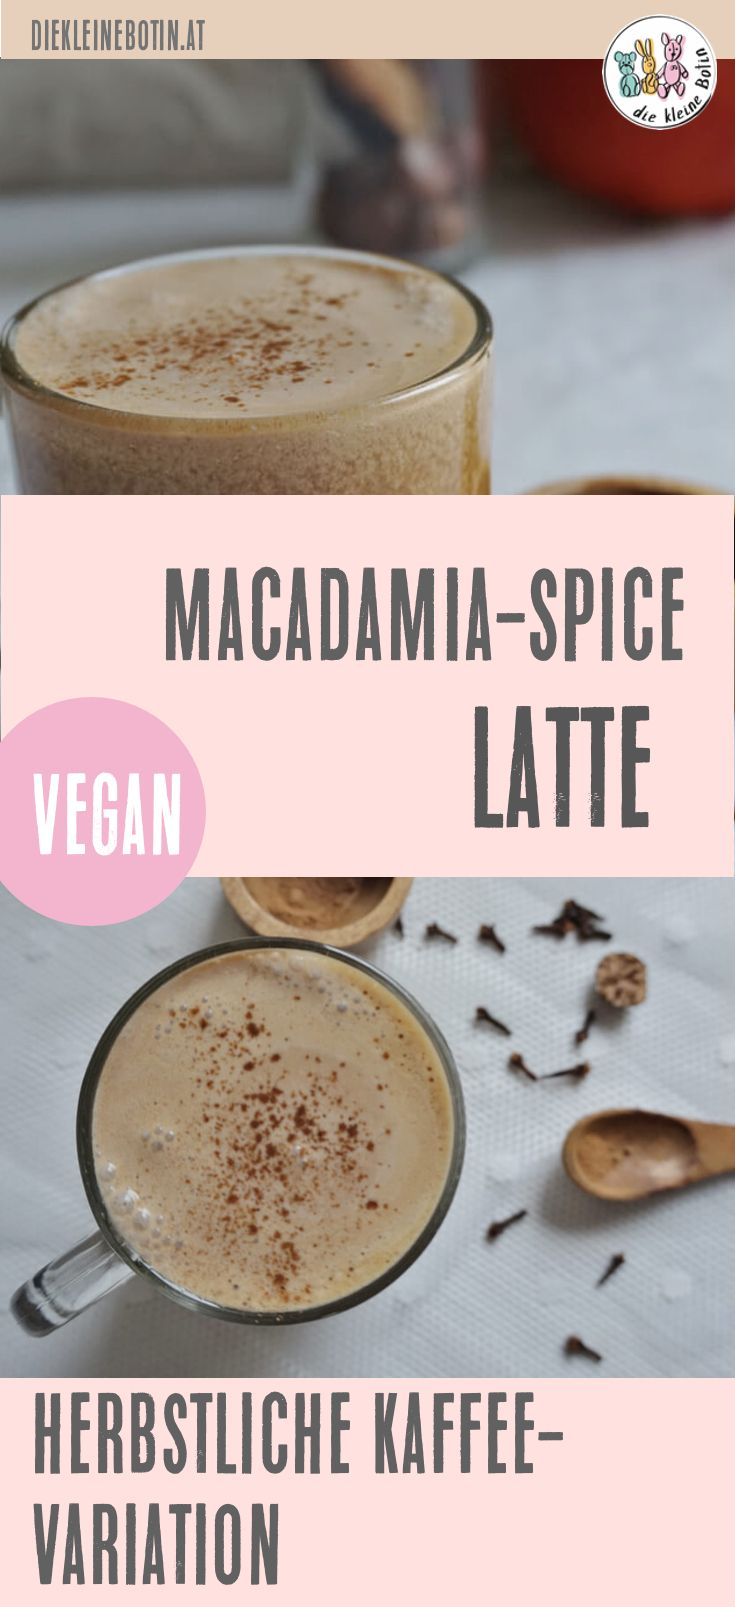 Kaffee. Pur? Ja. Und auch gern mal mit neuen Zutaten. Im Herbst sind Gewürze wie Zimt und Ingwer toll - die genau Zusammensetzung verrate ich im Rezept! Der Kaffee ist vegan und richtig wohlschmeckend! Nussig-sanft und mit dem richtigen Pepp an Gewürzen! #rezept #kaffee #spice #herbst